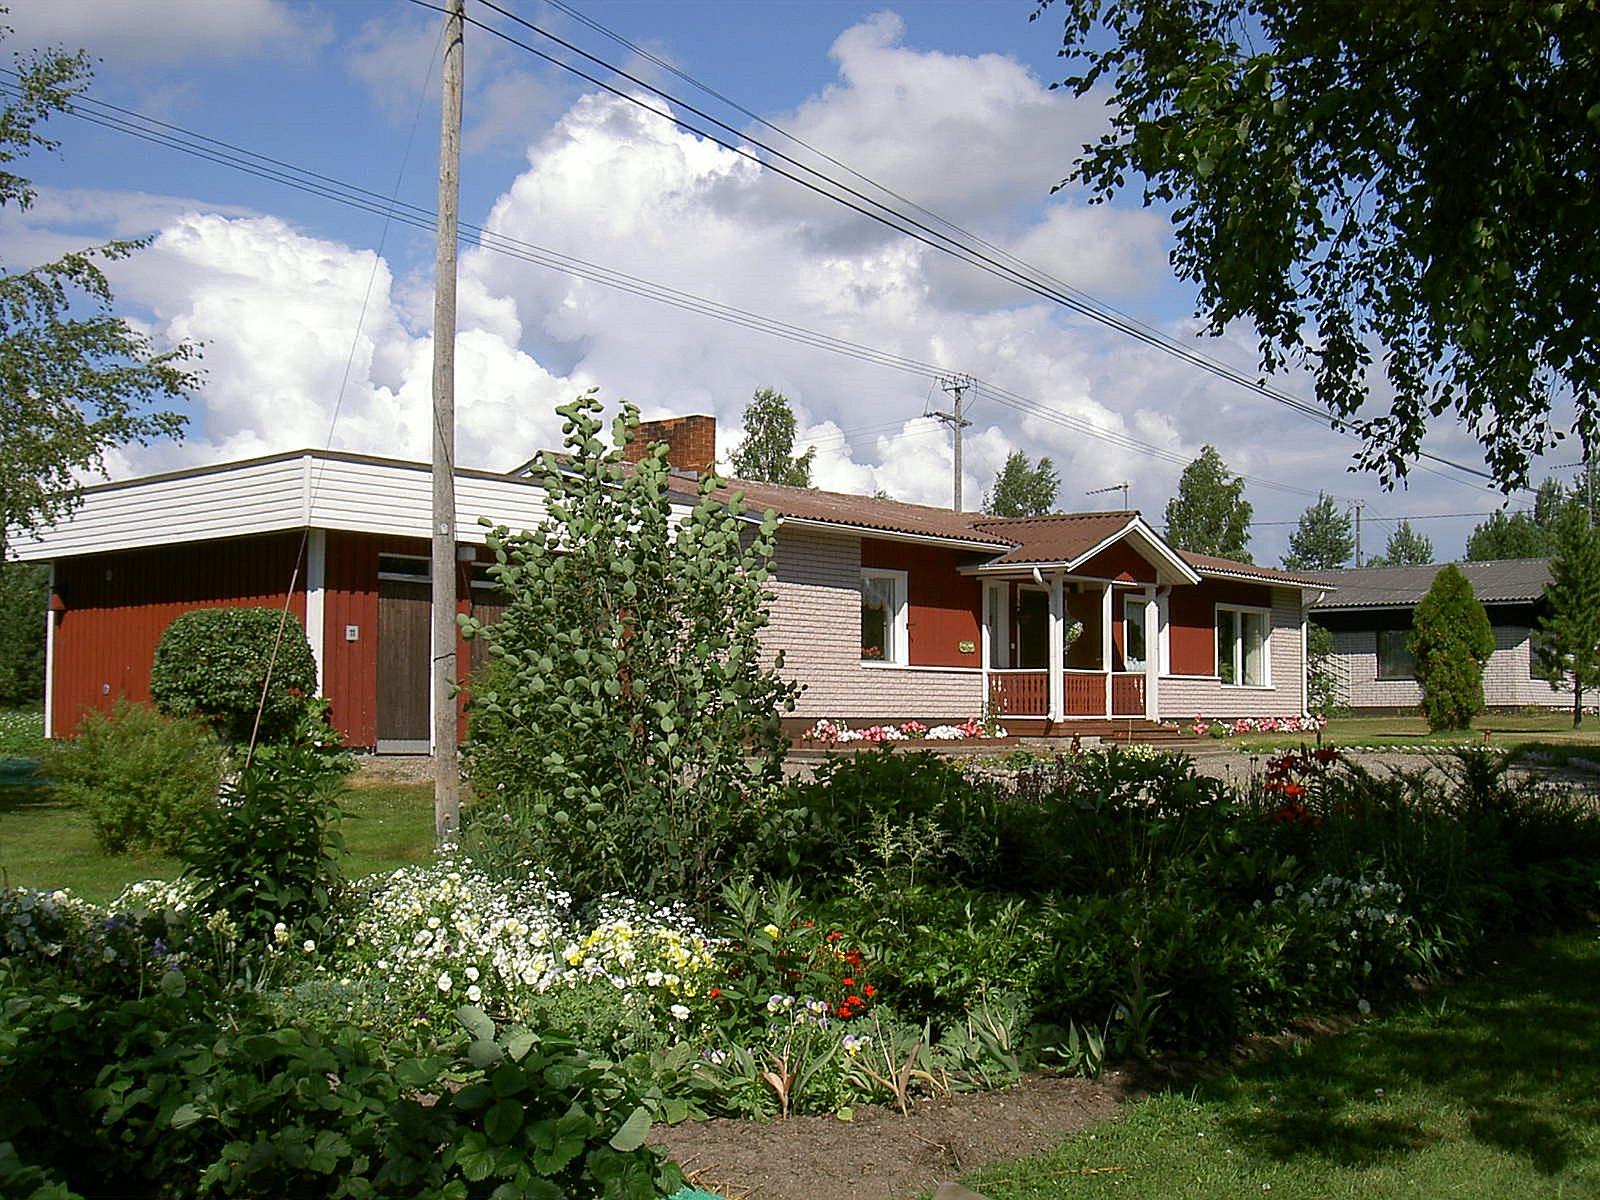 Jenny som var intresserad av trädgårdsskötsel vårdade sin trädgård på ett exemplariskt sätt. Fotot från 2003.